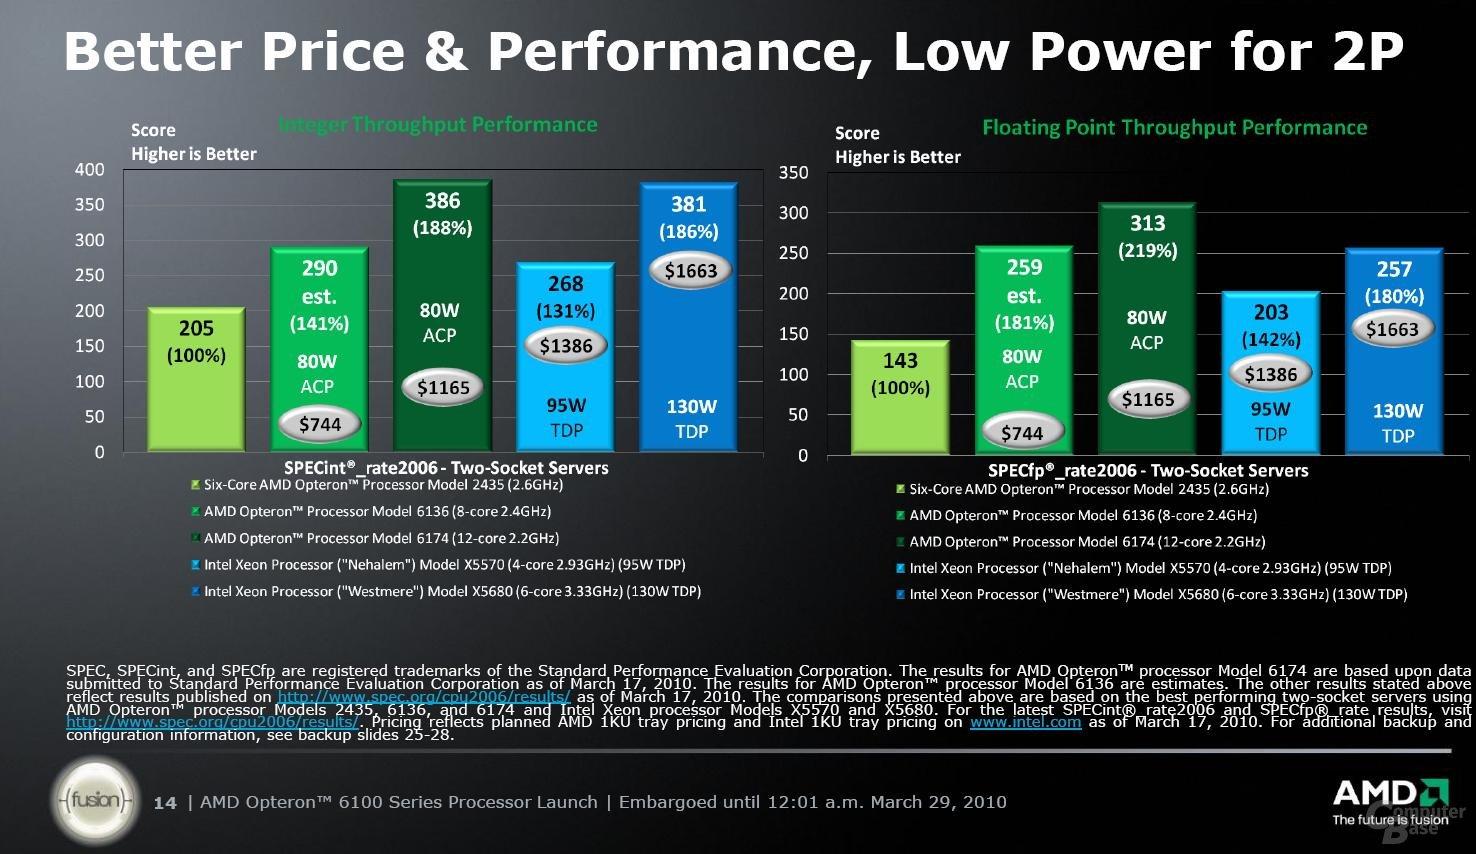 Performance-Vorhersagen und Vergleich von ACP zu TDP